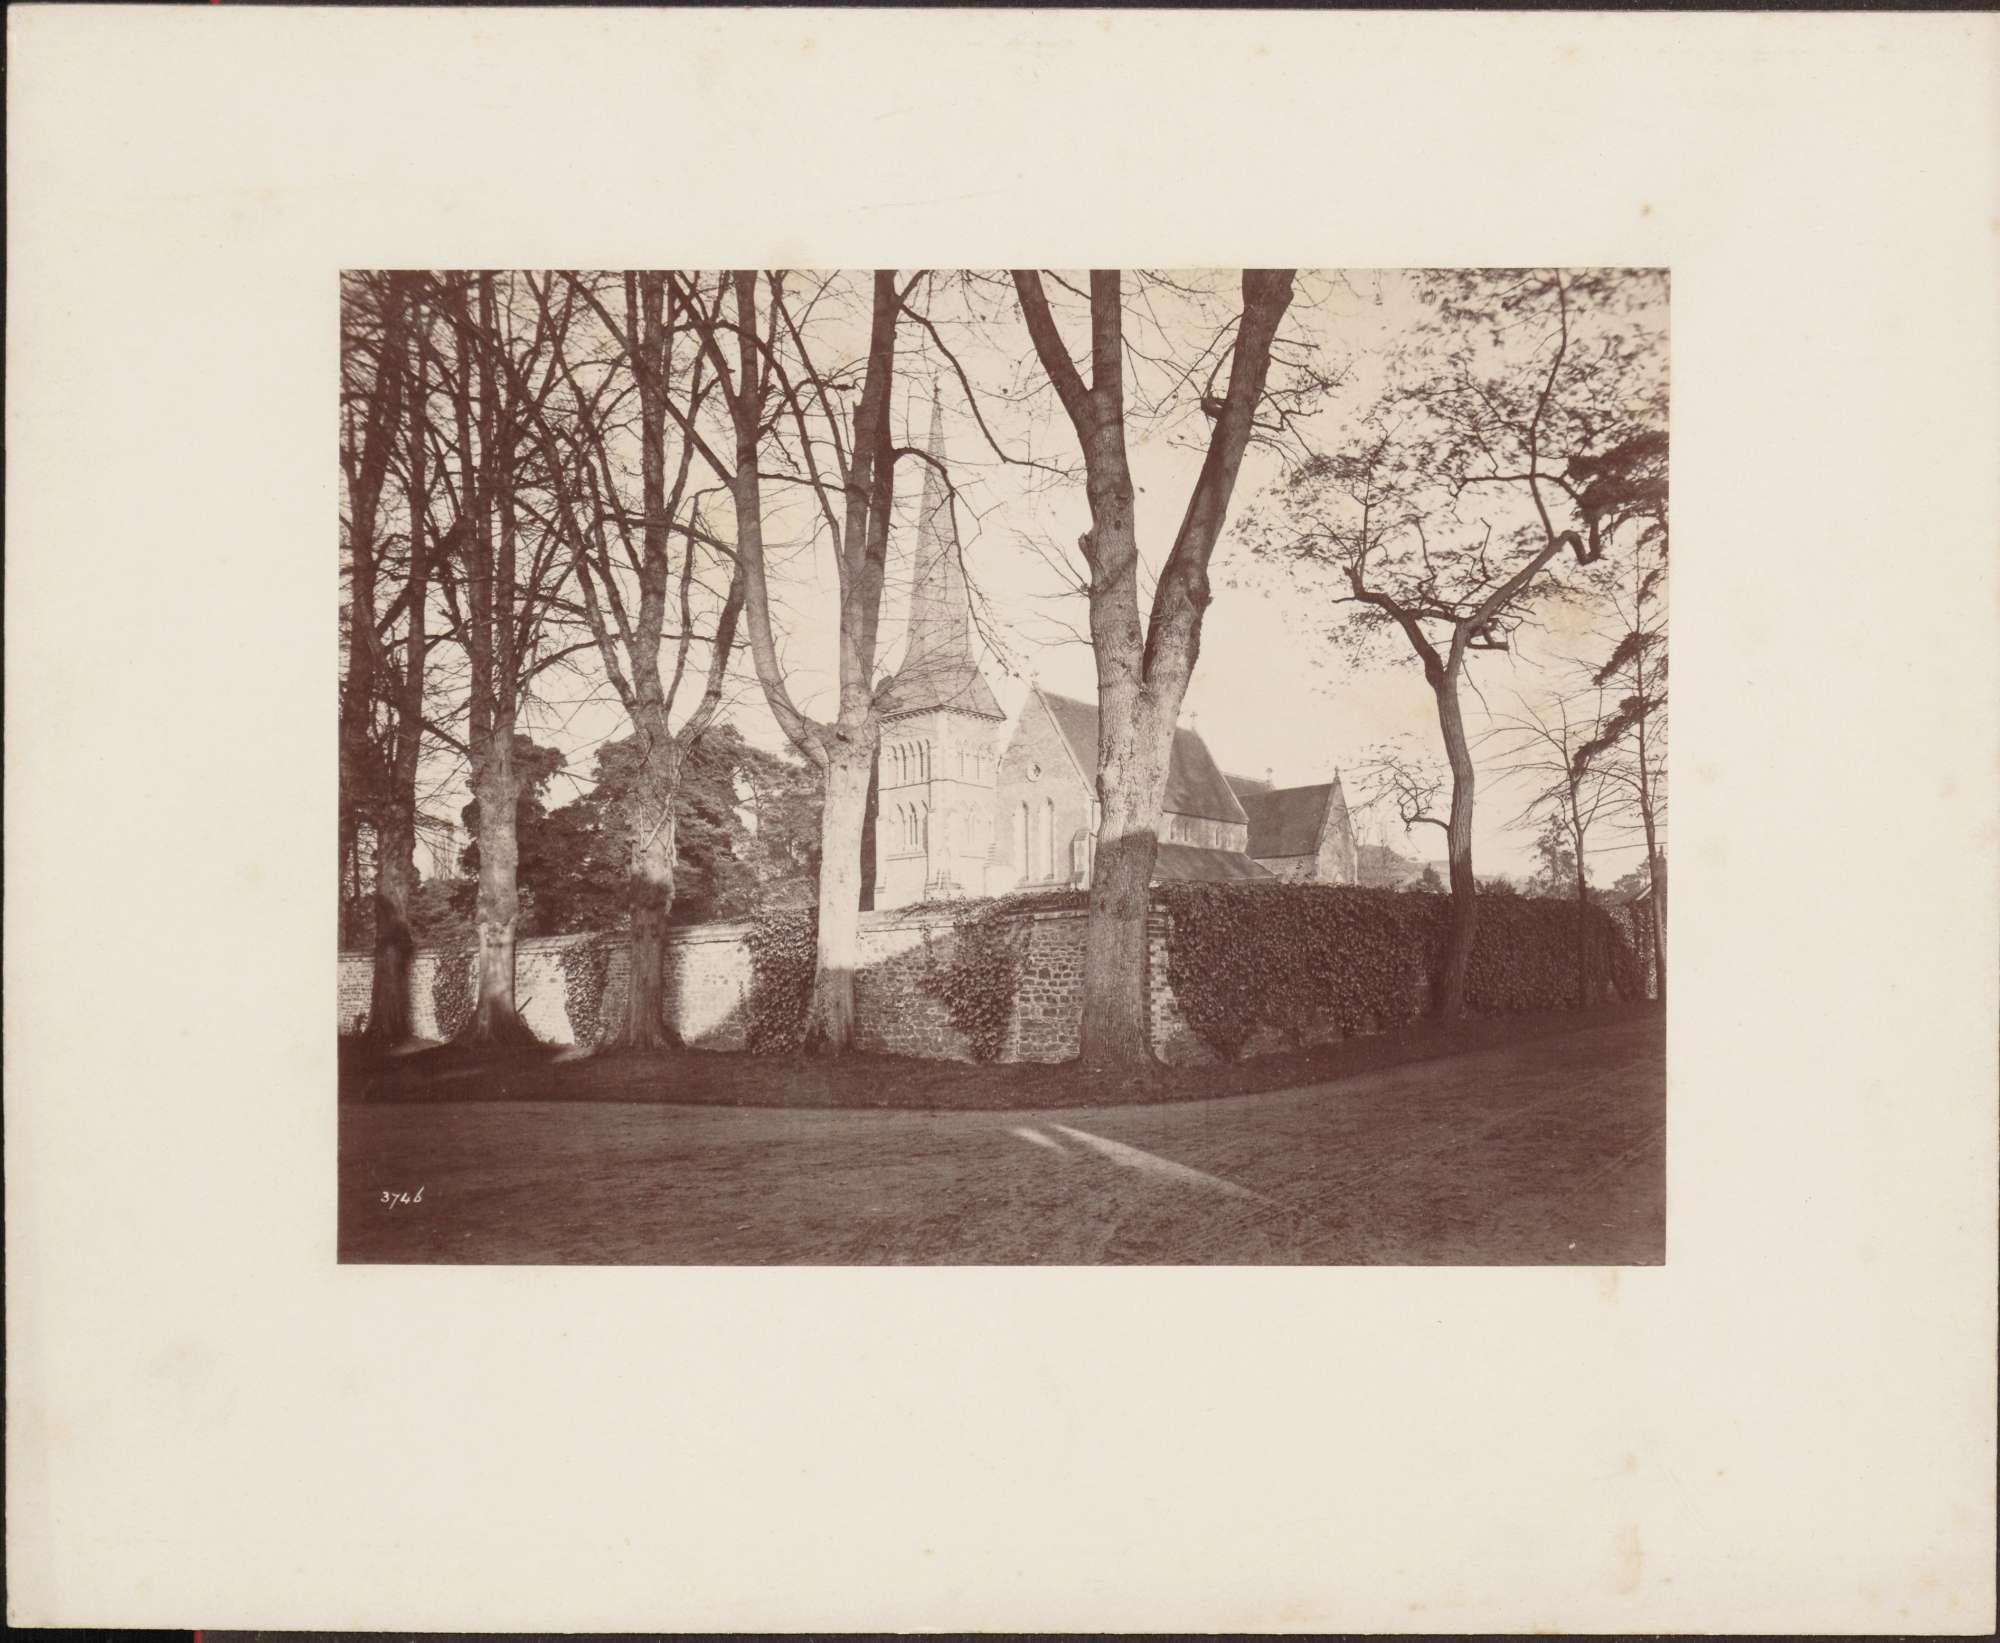 Dorfkirche, von Mauer eingefriedet, Bild 1